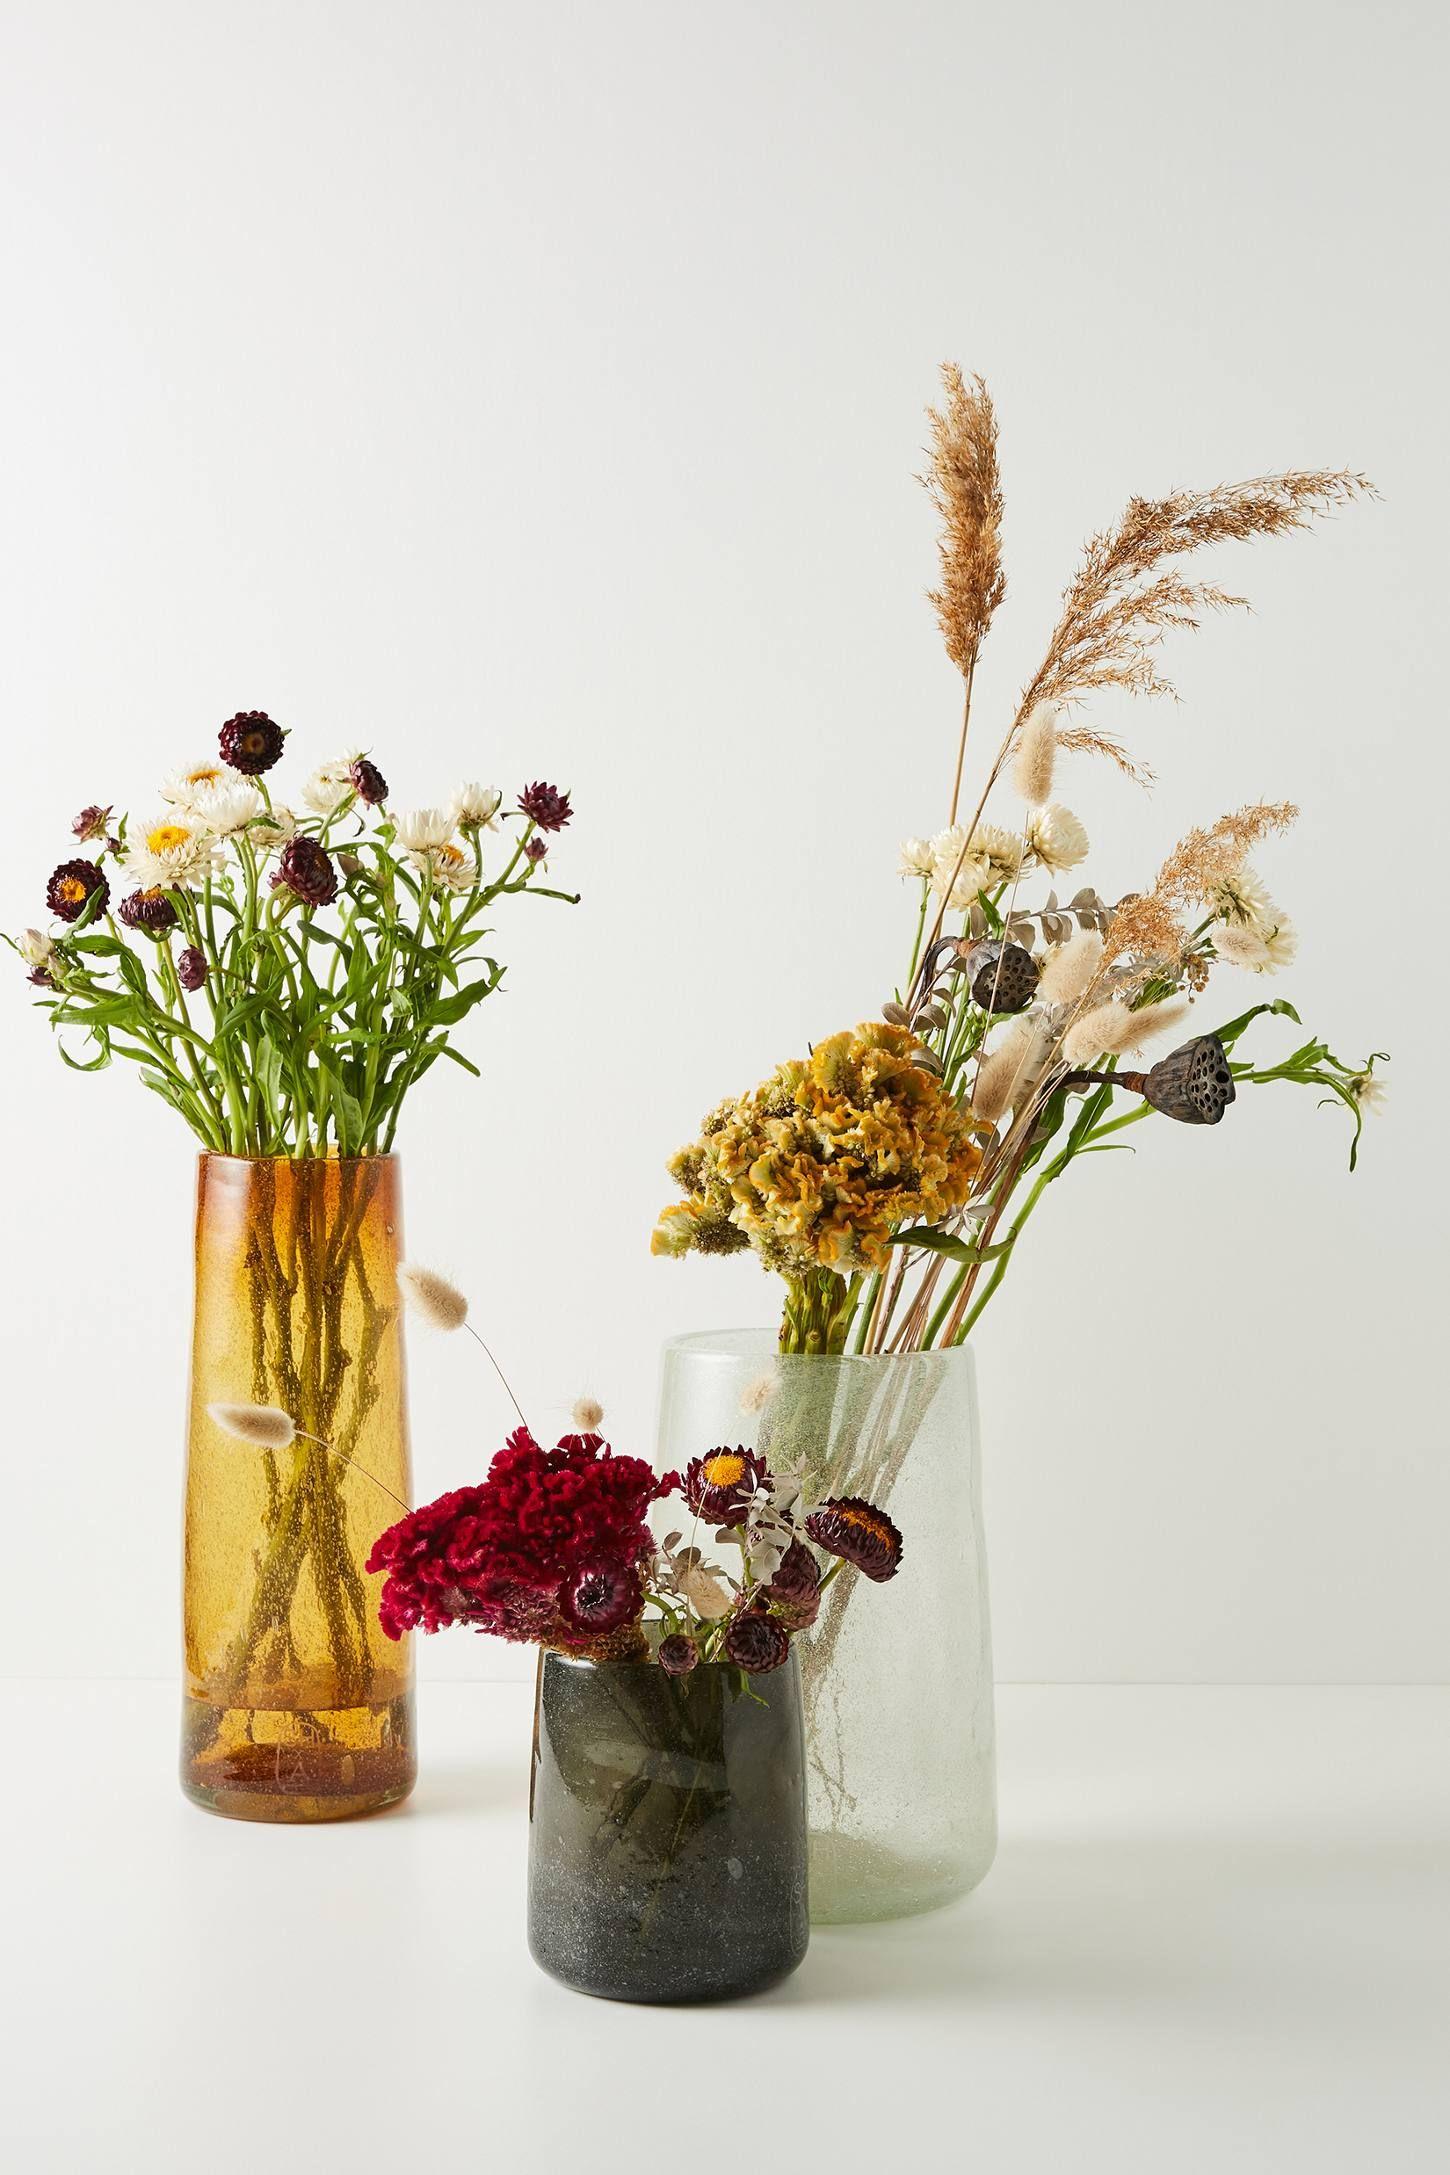 Soho Home x Anthropologie Barcelona Glass Vase